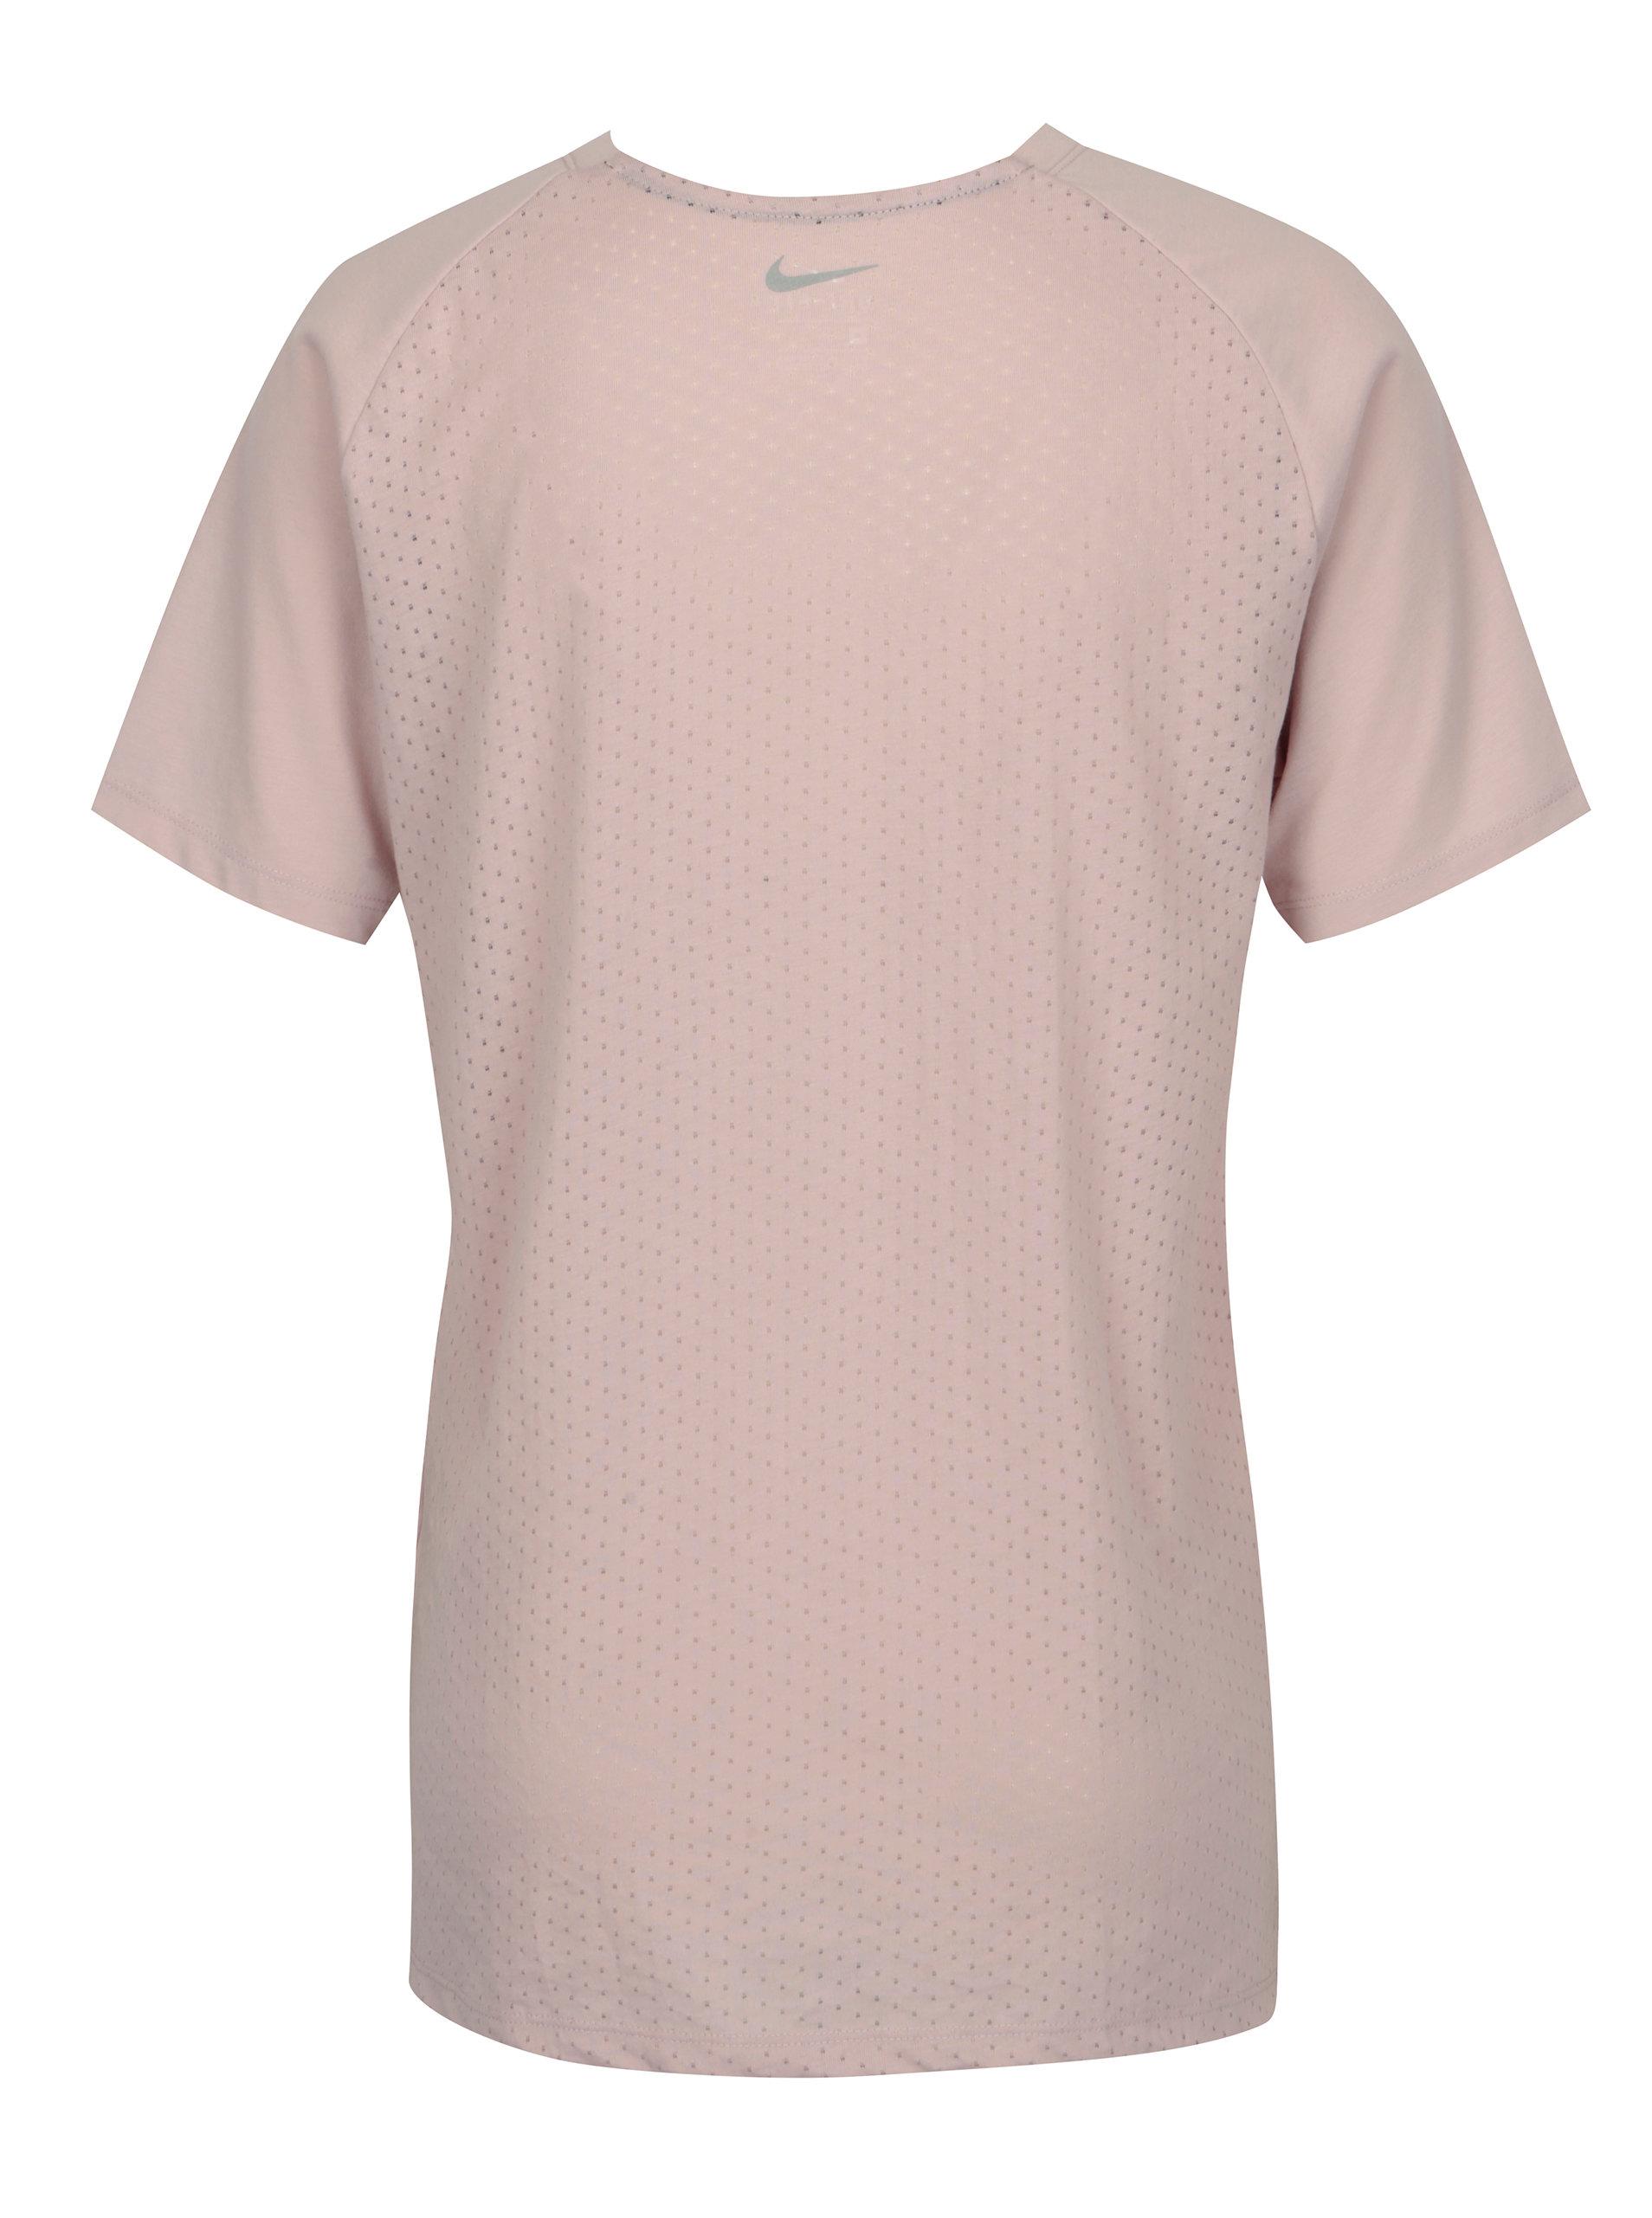 cb2c42322254 Ružové dámske funkčné tričko Nike Tailwind ...